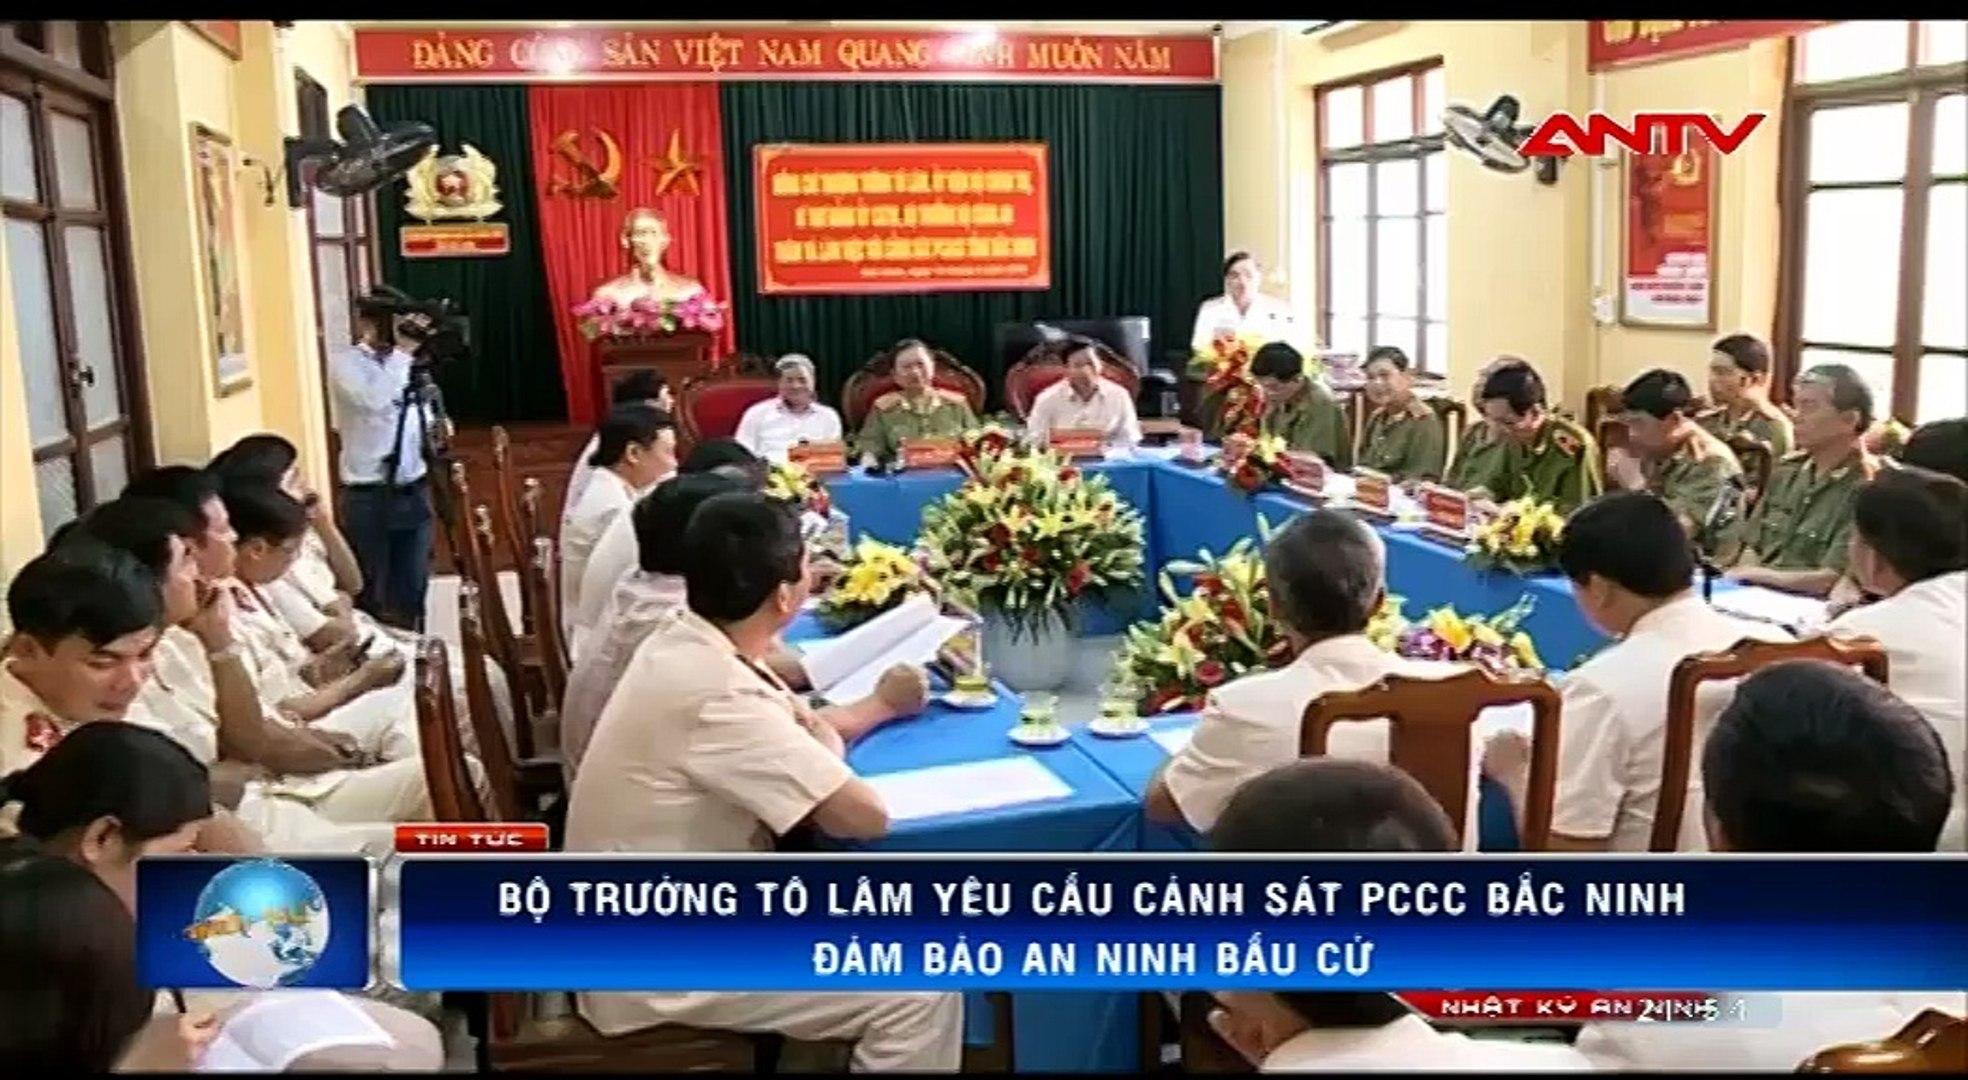 Bộ trưởng Tô Lâm: Đảm bảo tuyệt đối an toàn cháy nổ phục vụ bầu cử